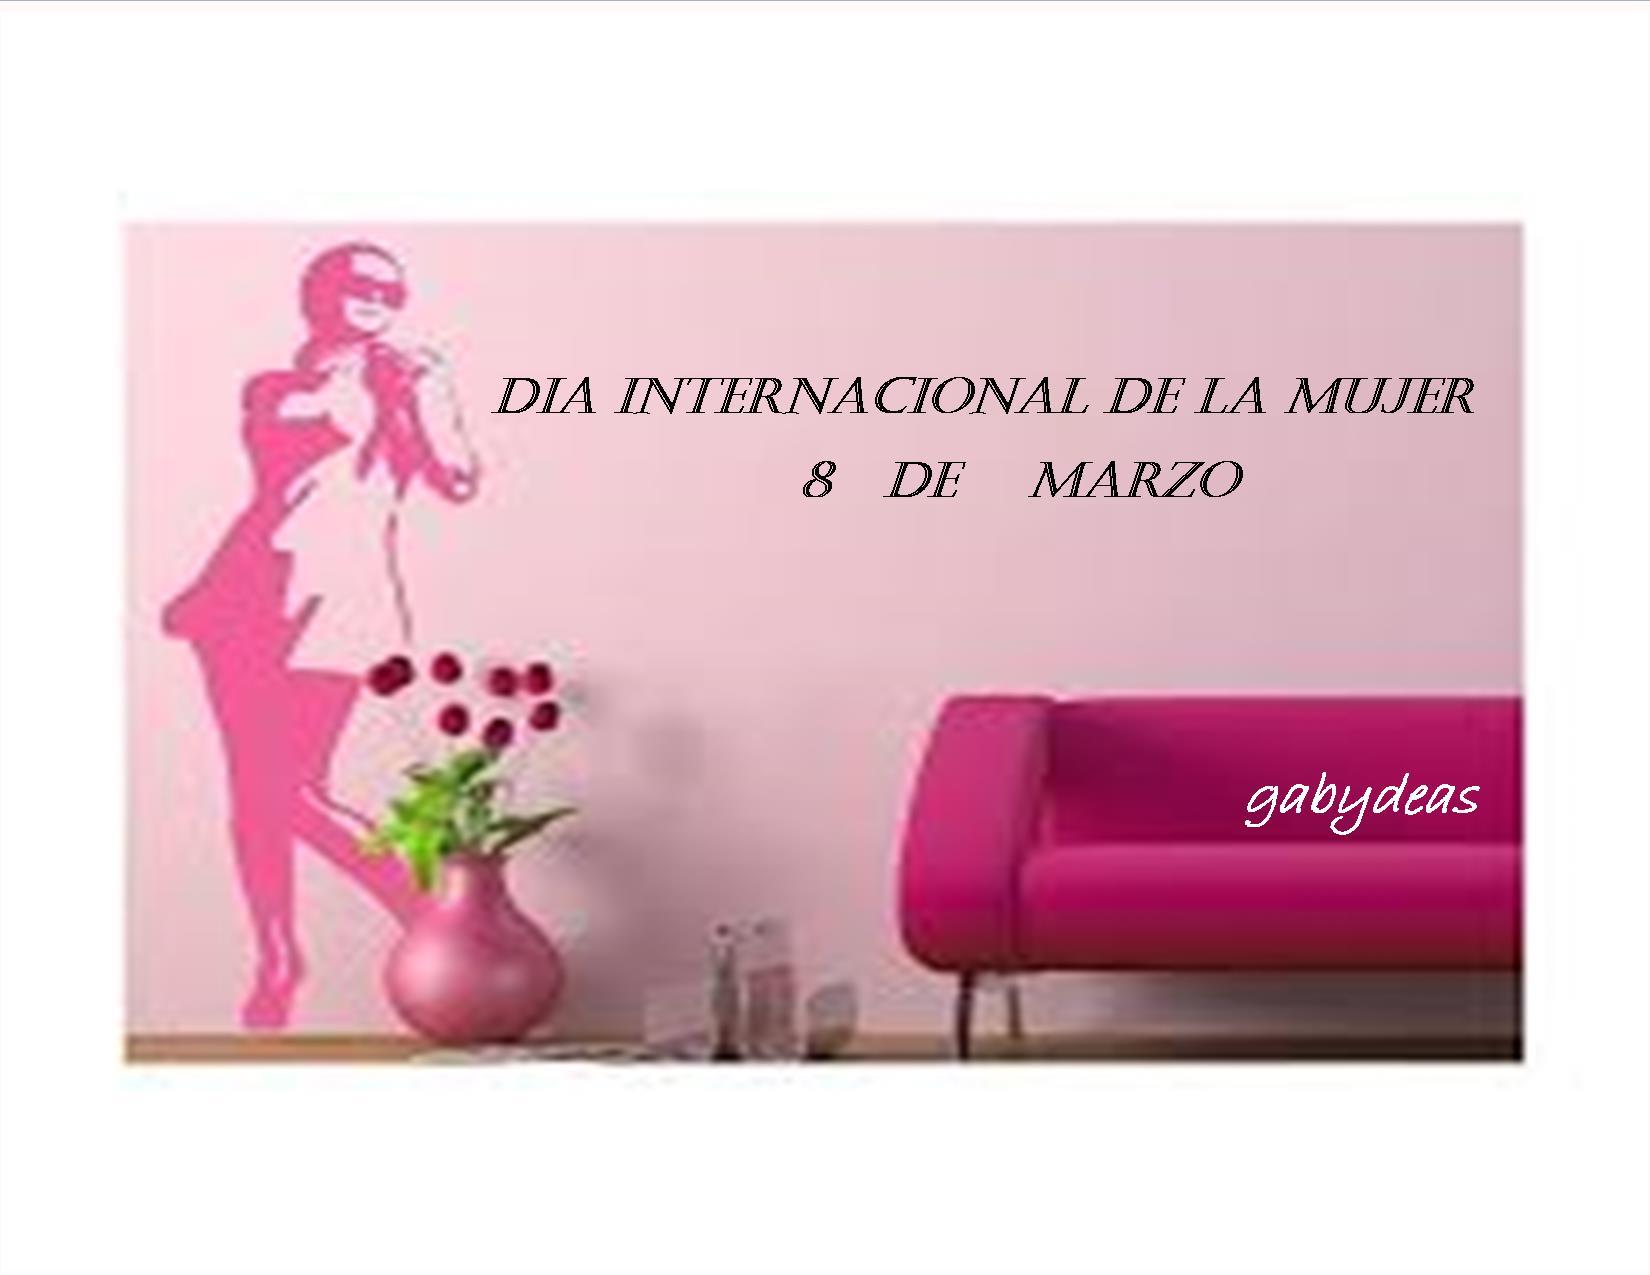 dia internacional de la mujer